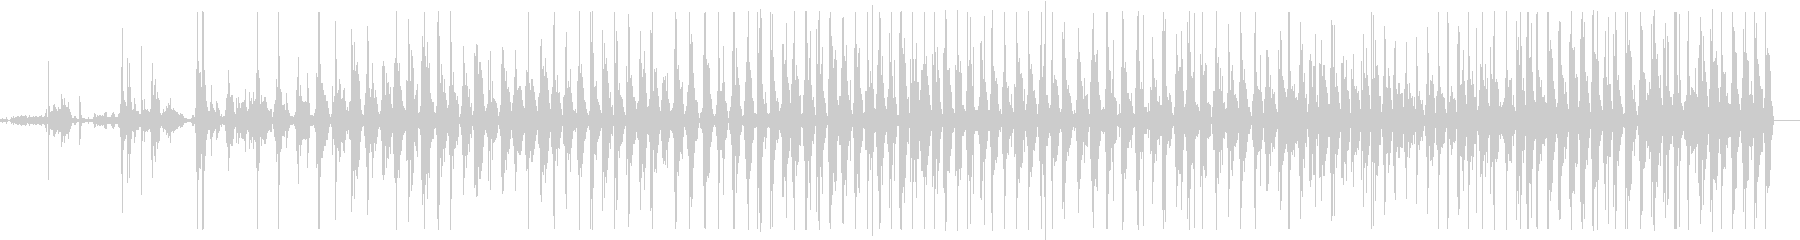 ベッドウッドクリークバウンスヘビーの未再生の波形